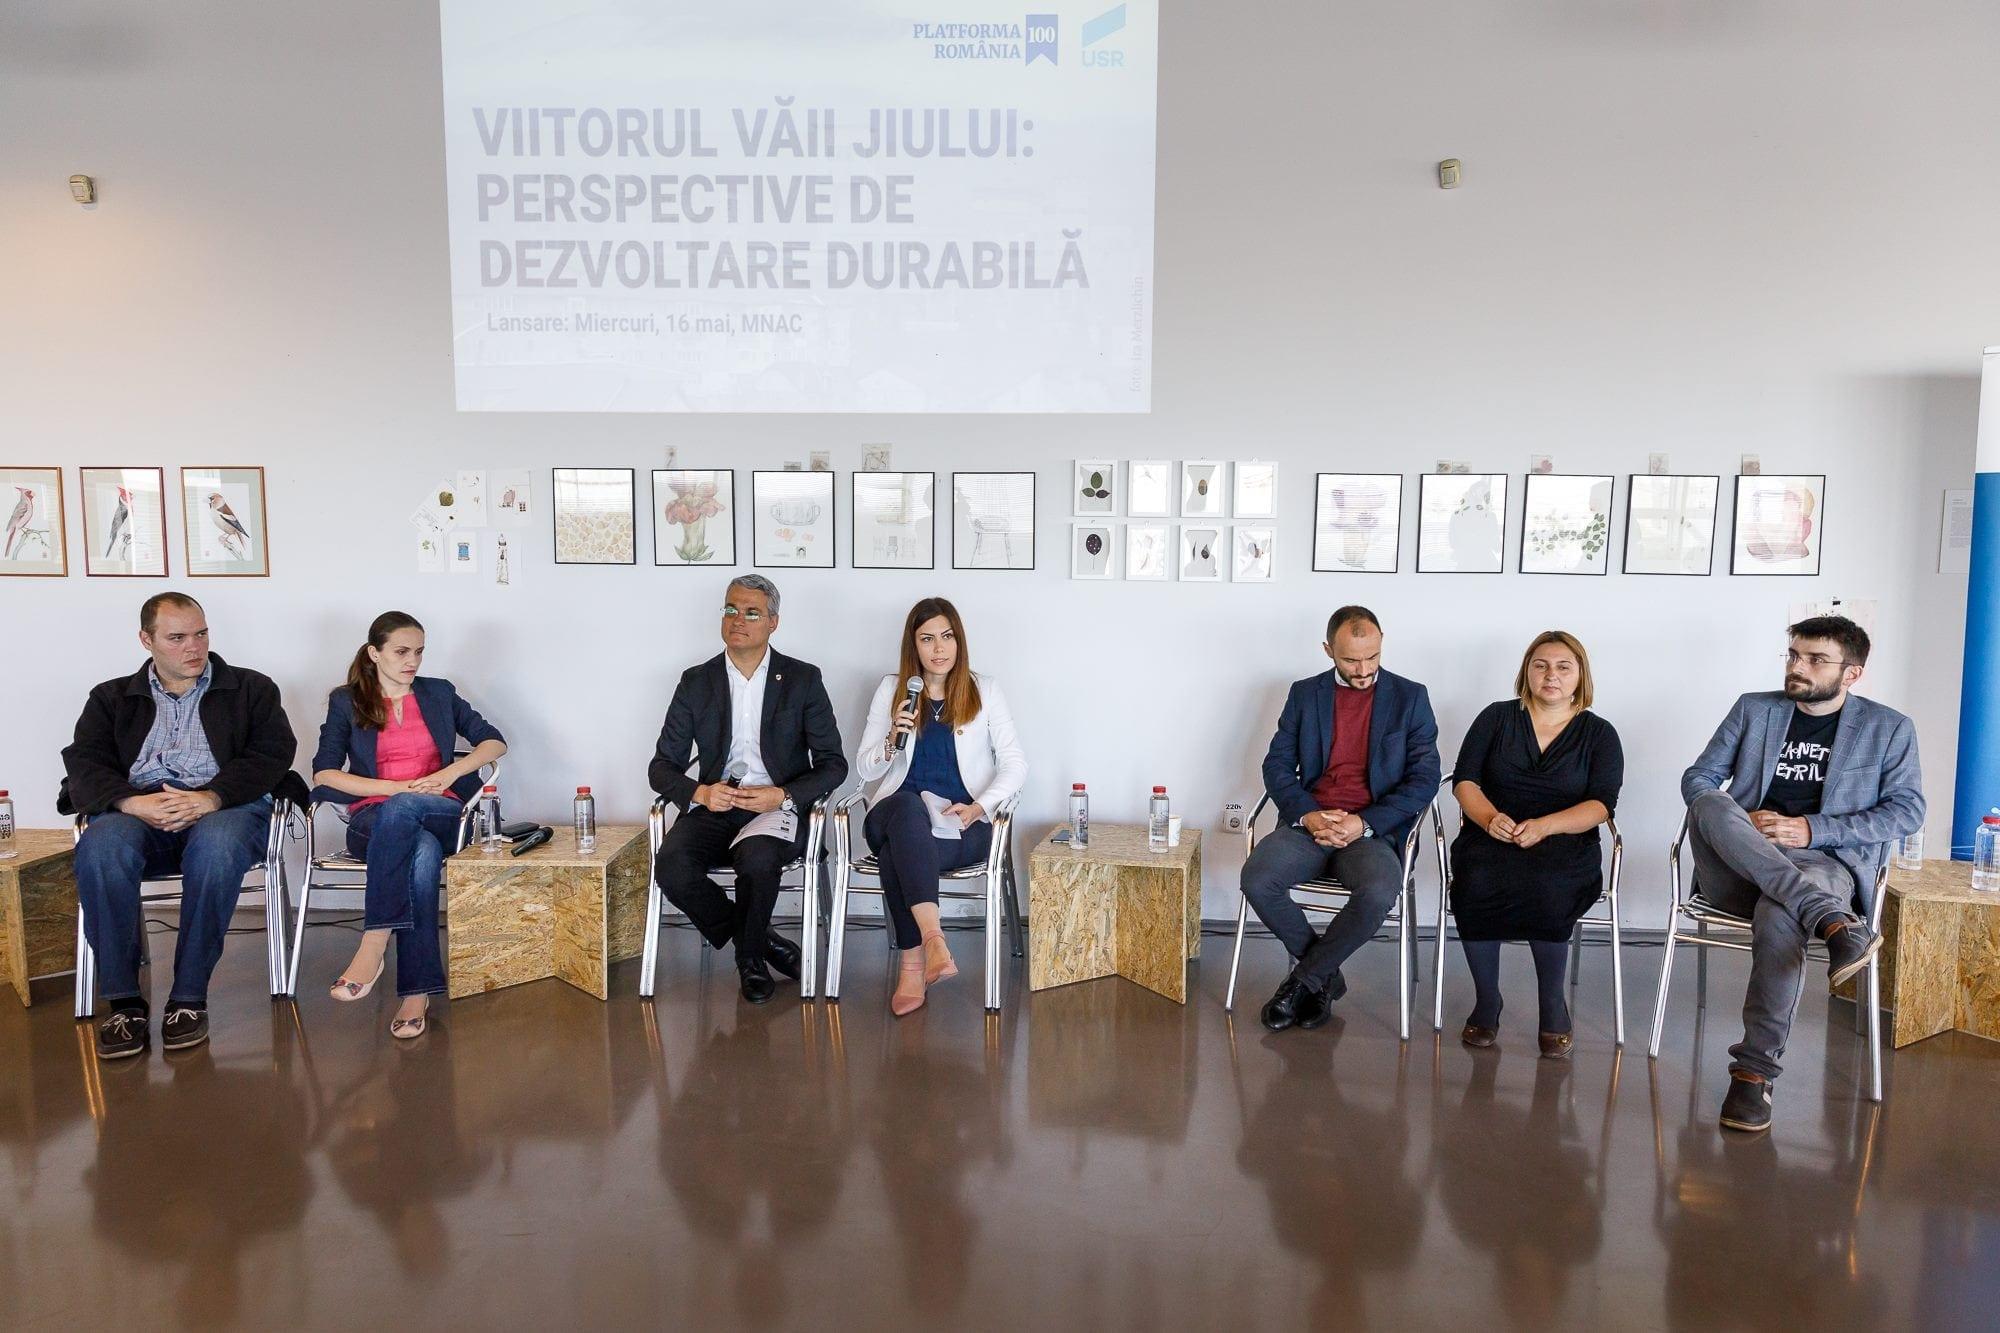 """Uniunea Salvaţi România şi Platforma România 100 au lansat programul """"Viitorul Văii Jiului: Perspective de dezvoltare durabilă"""""""